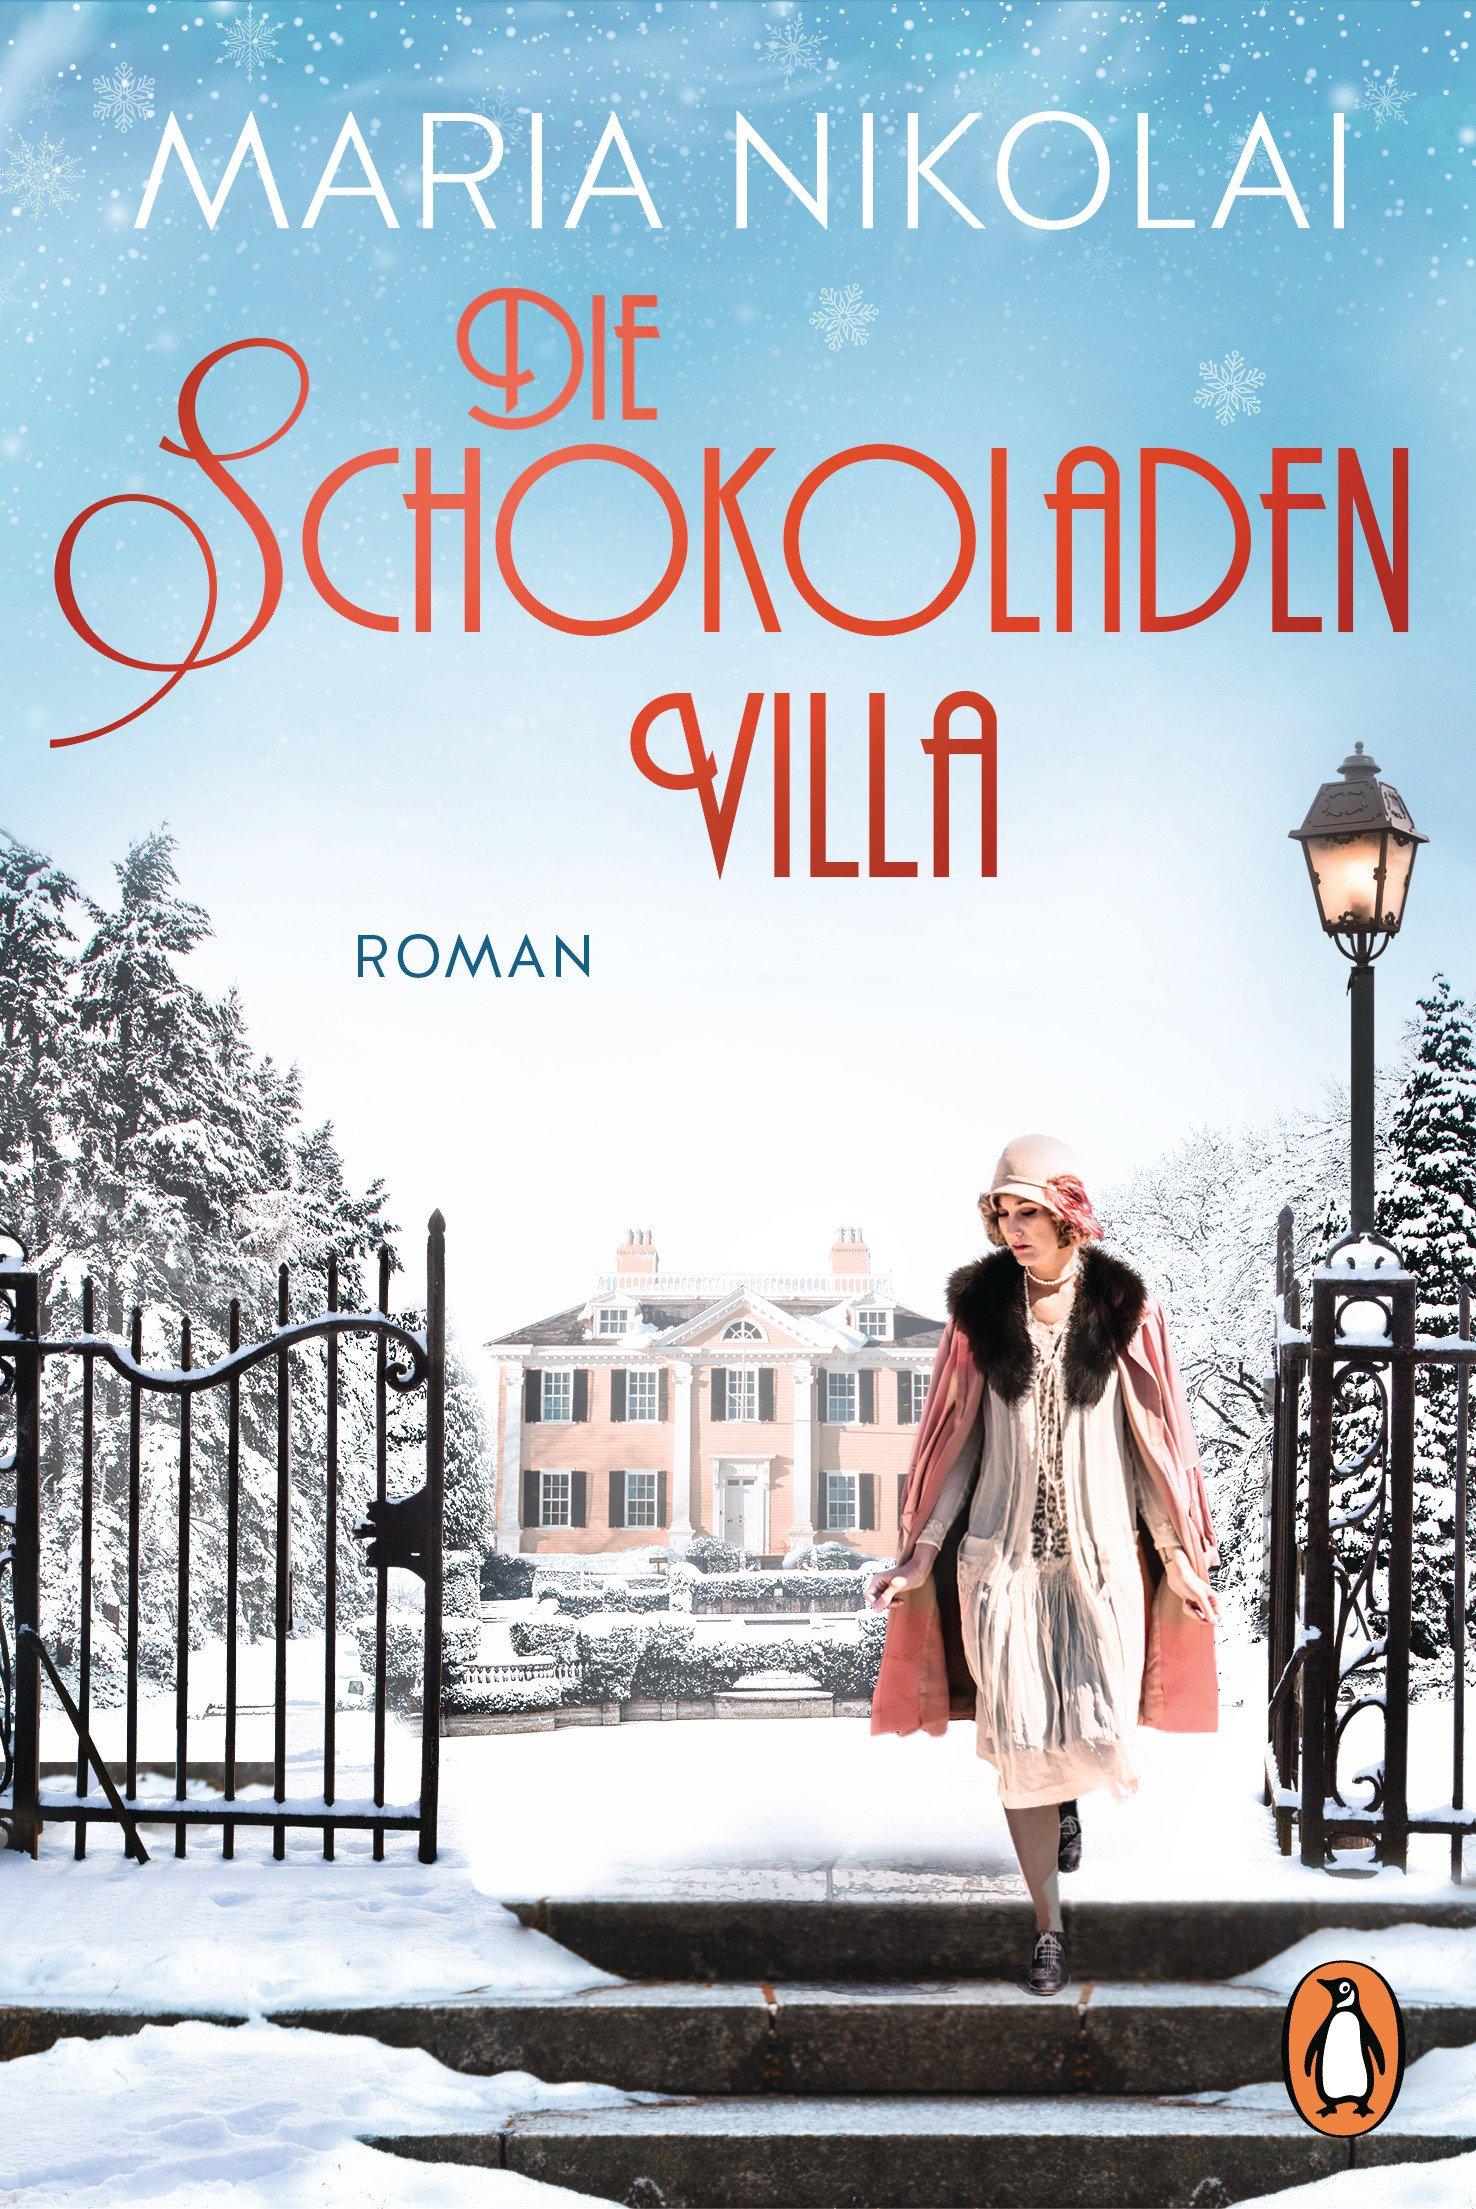 Die Schokoladenvilla: Roman – Der Bestseller (Die Schokoladen-Saga 1) (German Edition)